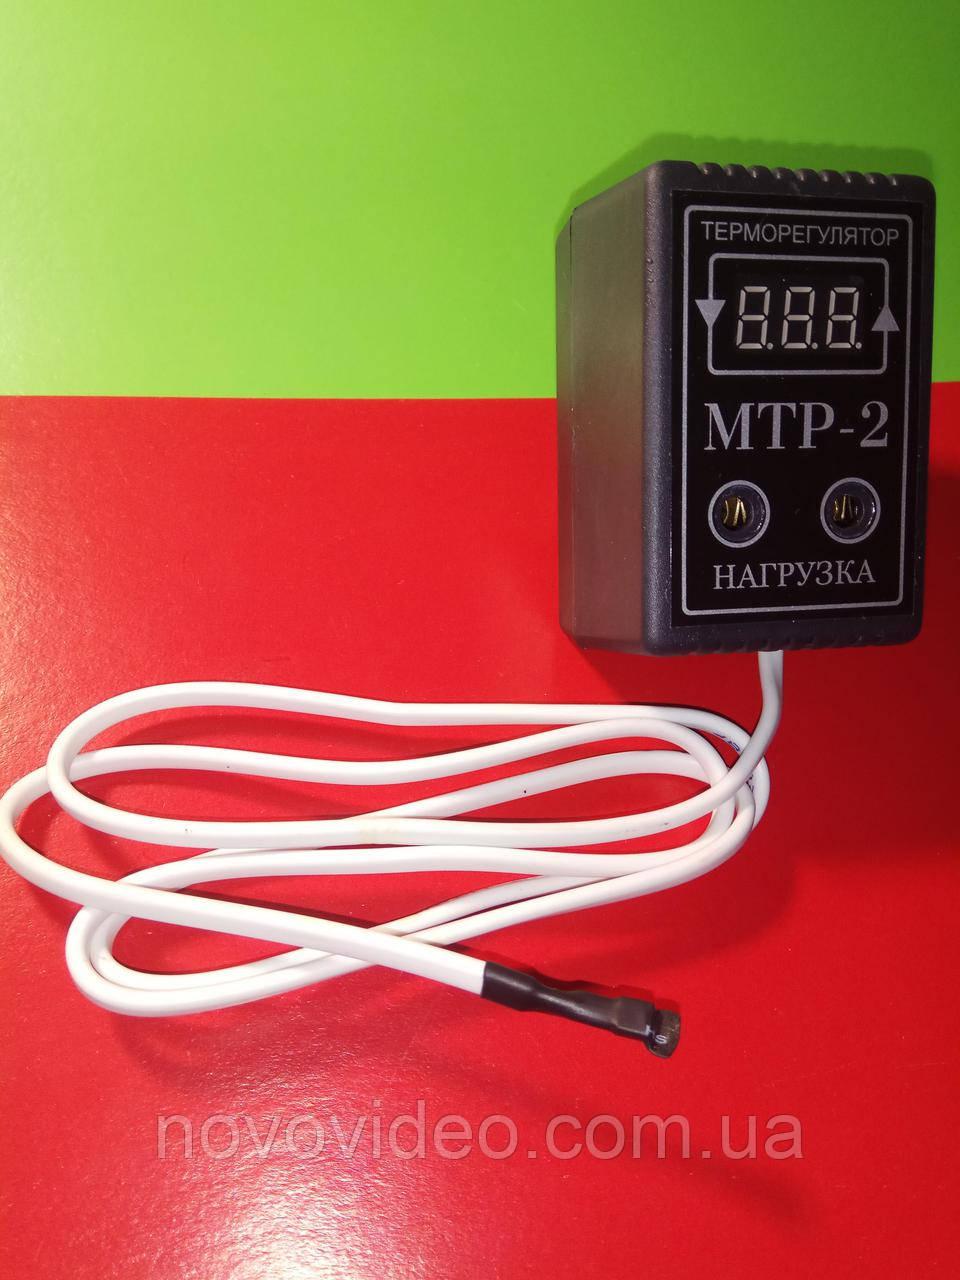 Терморегулятор МТР-2 цифровой в розетку для обогревателя на 16А